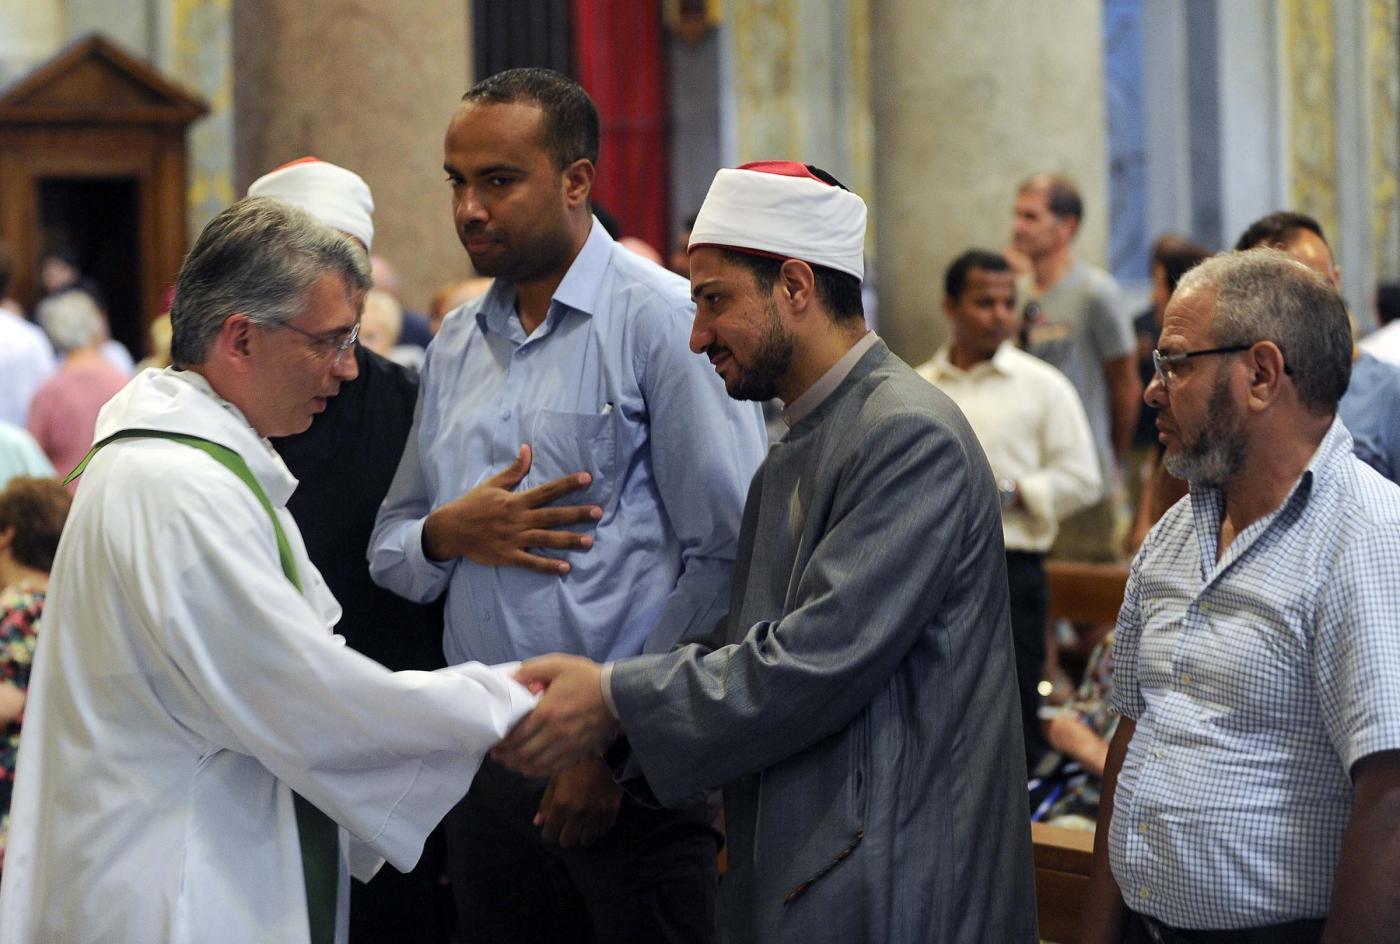 Roma, Imam partecipano alla messa nella Chiesa di Santa Maria in Trastevere